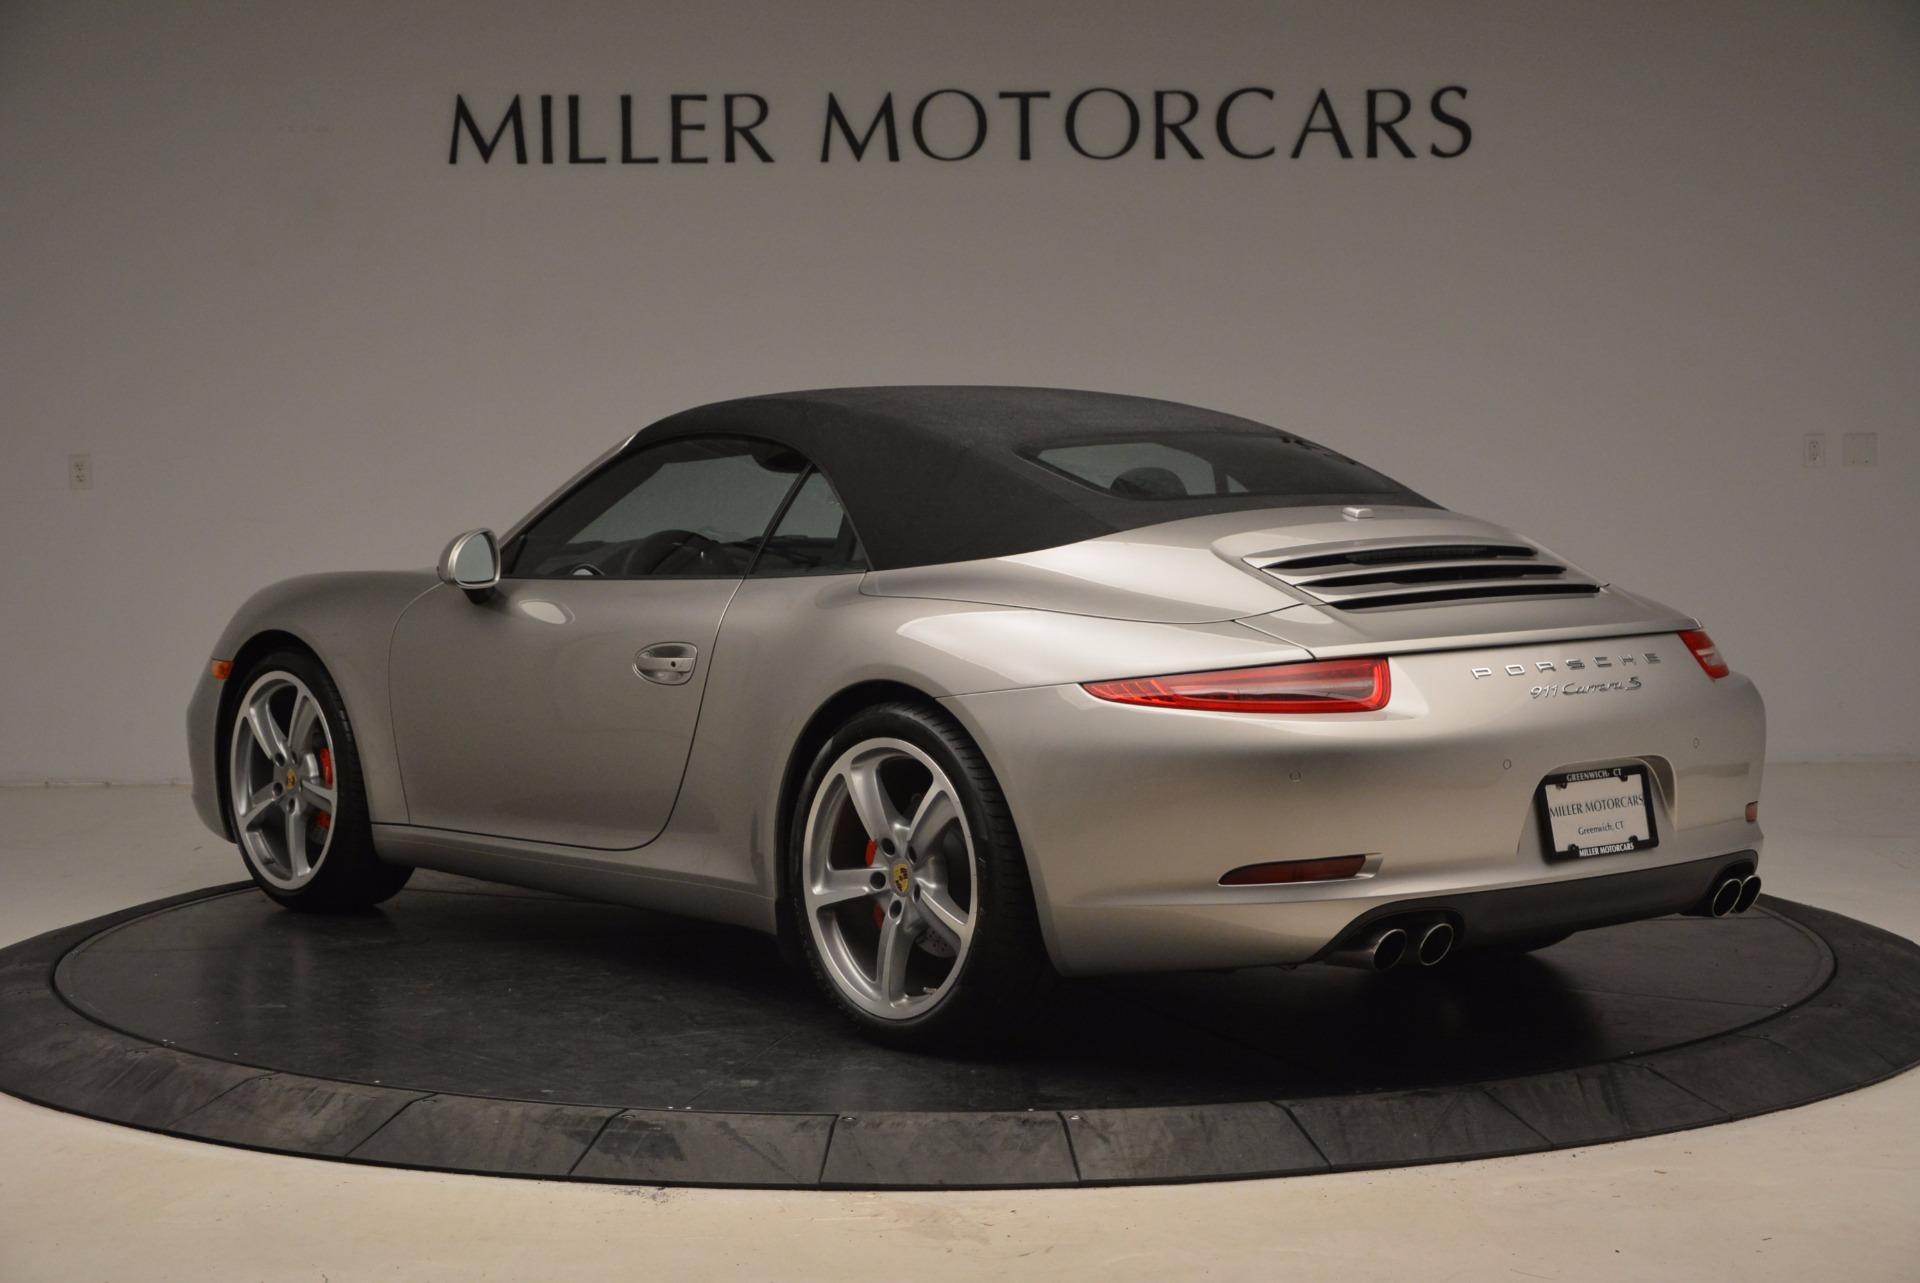 Used 2012 Porsche 911 Carrera S For Sale In Greenwich, CT 1790_p48